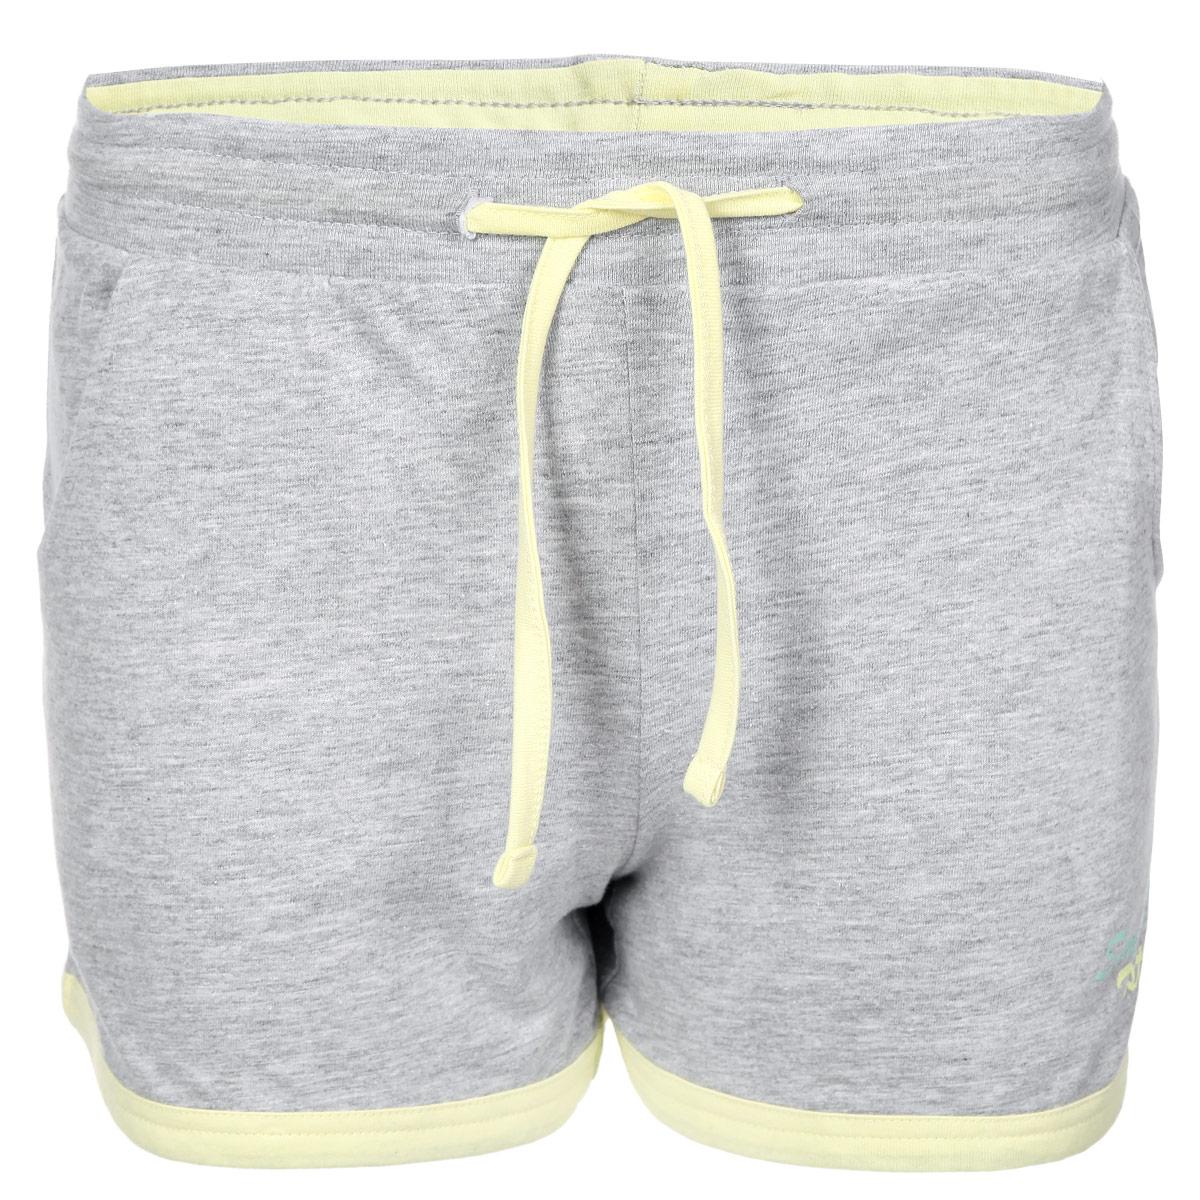 Шорты женский. L-SH-1703L-SH-1703 GREY MELANGEОчаровательные летние шорты Moodo выполнены из 100% хлопка. Модель на широкой эластичной резинке, затягивается на кулиску. Шорты спереди дополнены двумя втачными карманами. Низ изделия, внутренняя сторона пояса и затягивающийся шнурок выполнены из материала контрастного цвета. Шорты декорированы небольшим принтом с изображением ананаса и надписью Summer Taste. Лаконичная модель позволит вам создать множество ярких образов на каждый день. Стильные шорты - незаменимая вещь в летнем гардеробе современной девушки.